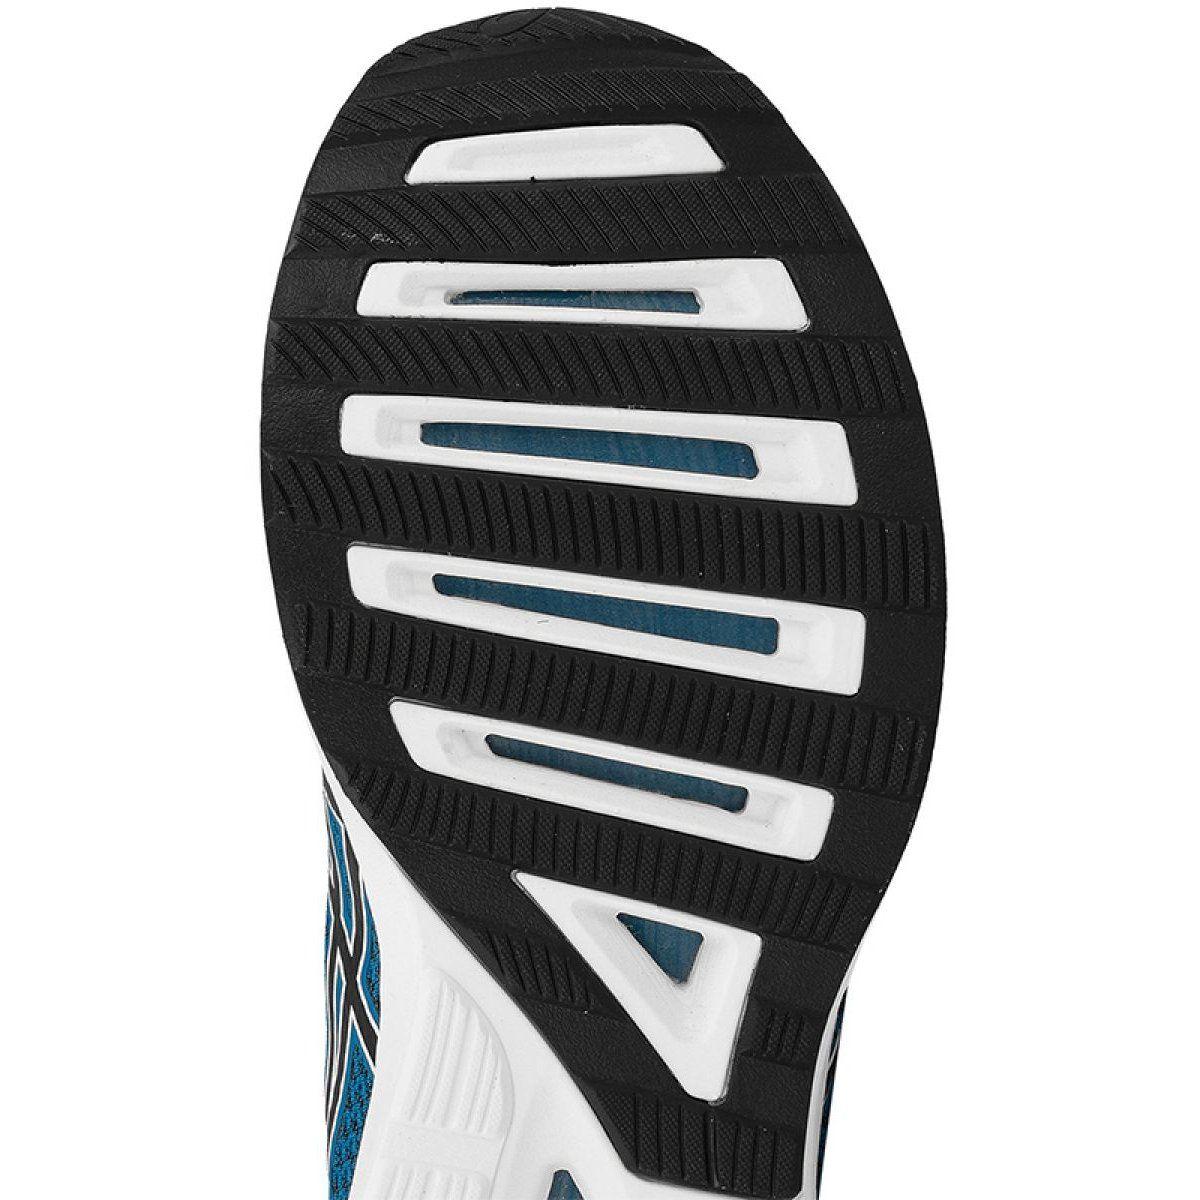 Buty Biegowe Asics Fuzex Lyte 2 M T719n 4990 Niebieskie Asics Running Shoes Asics Running Shoes